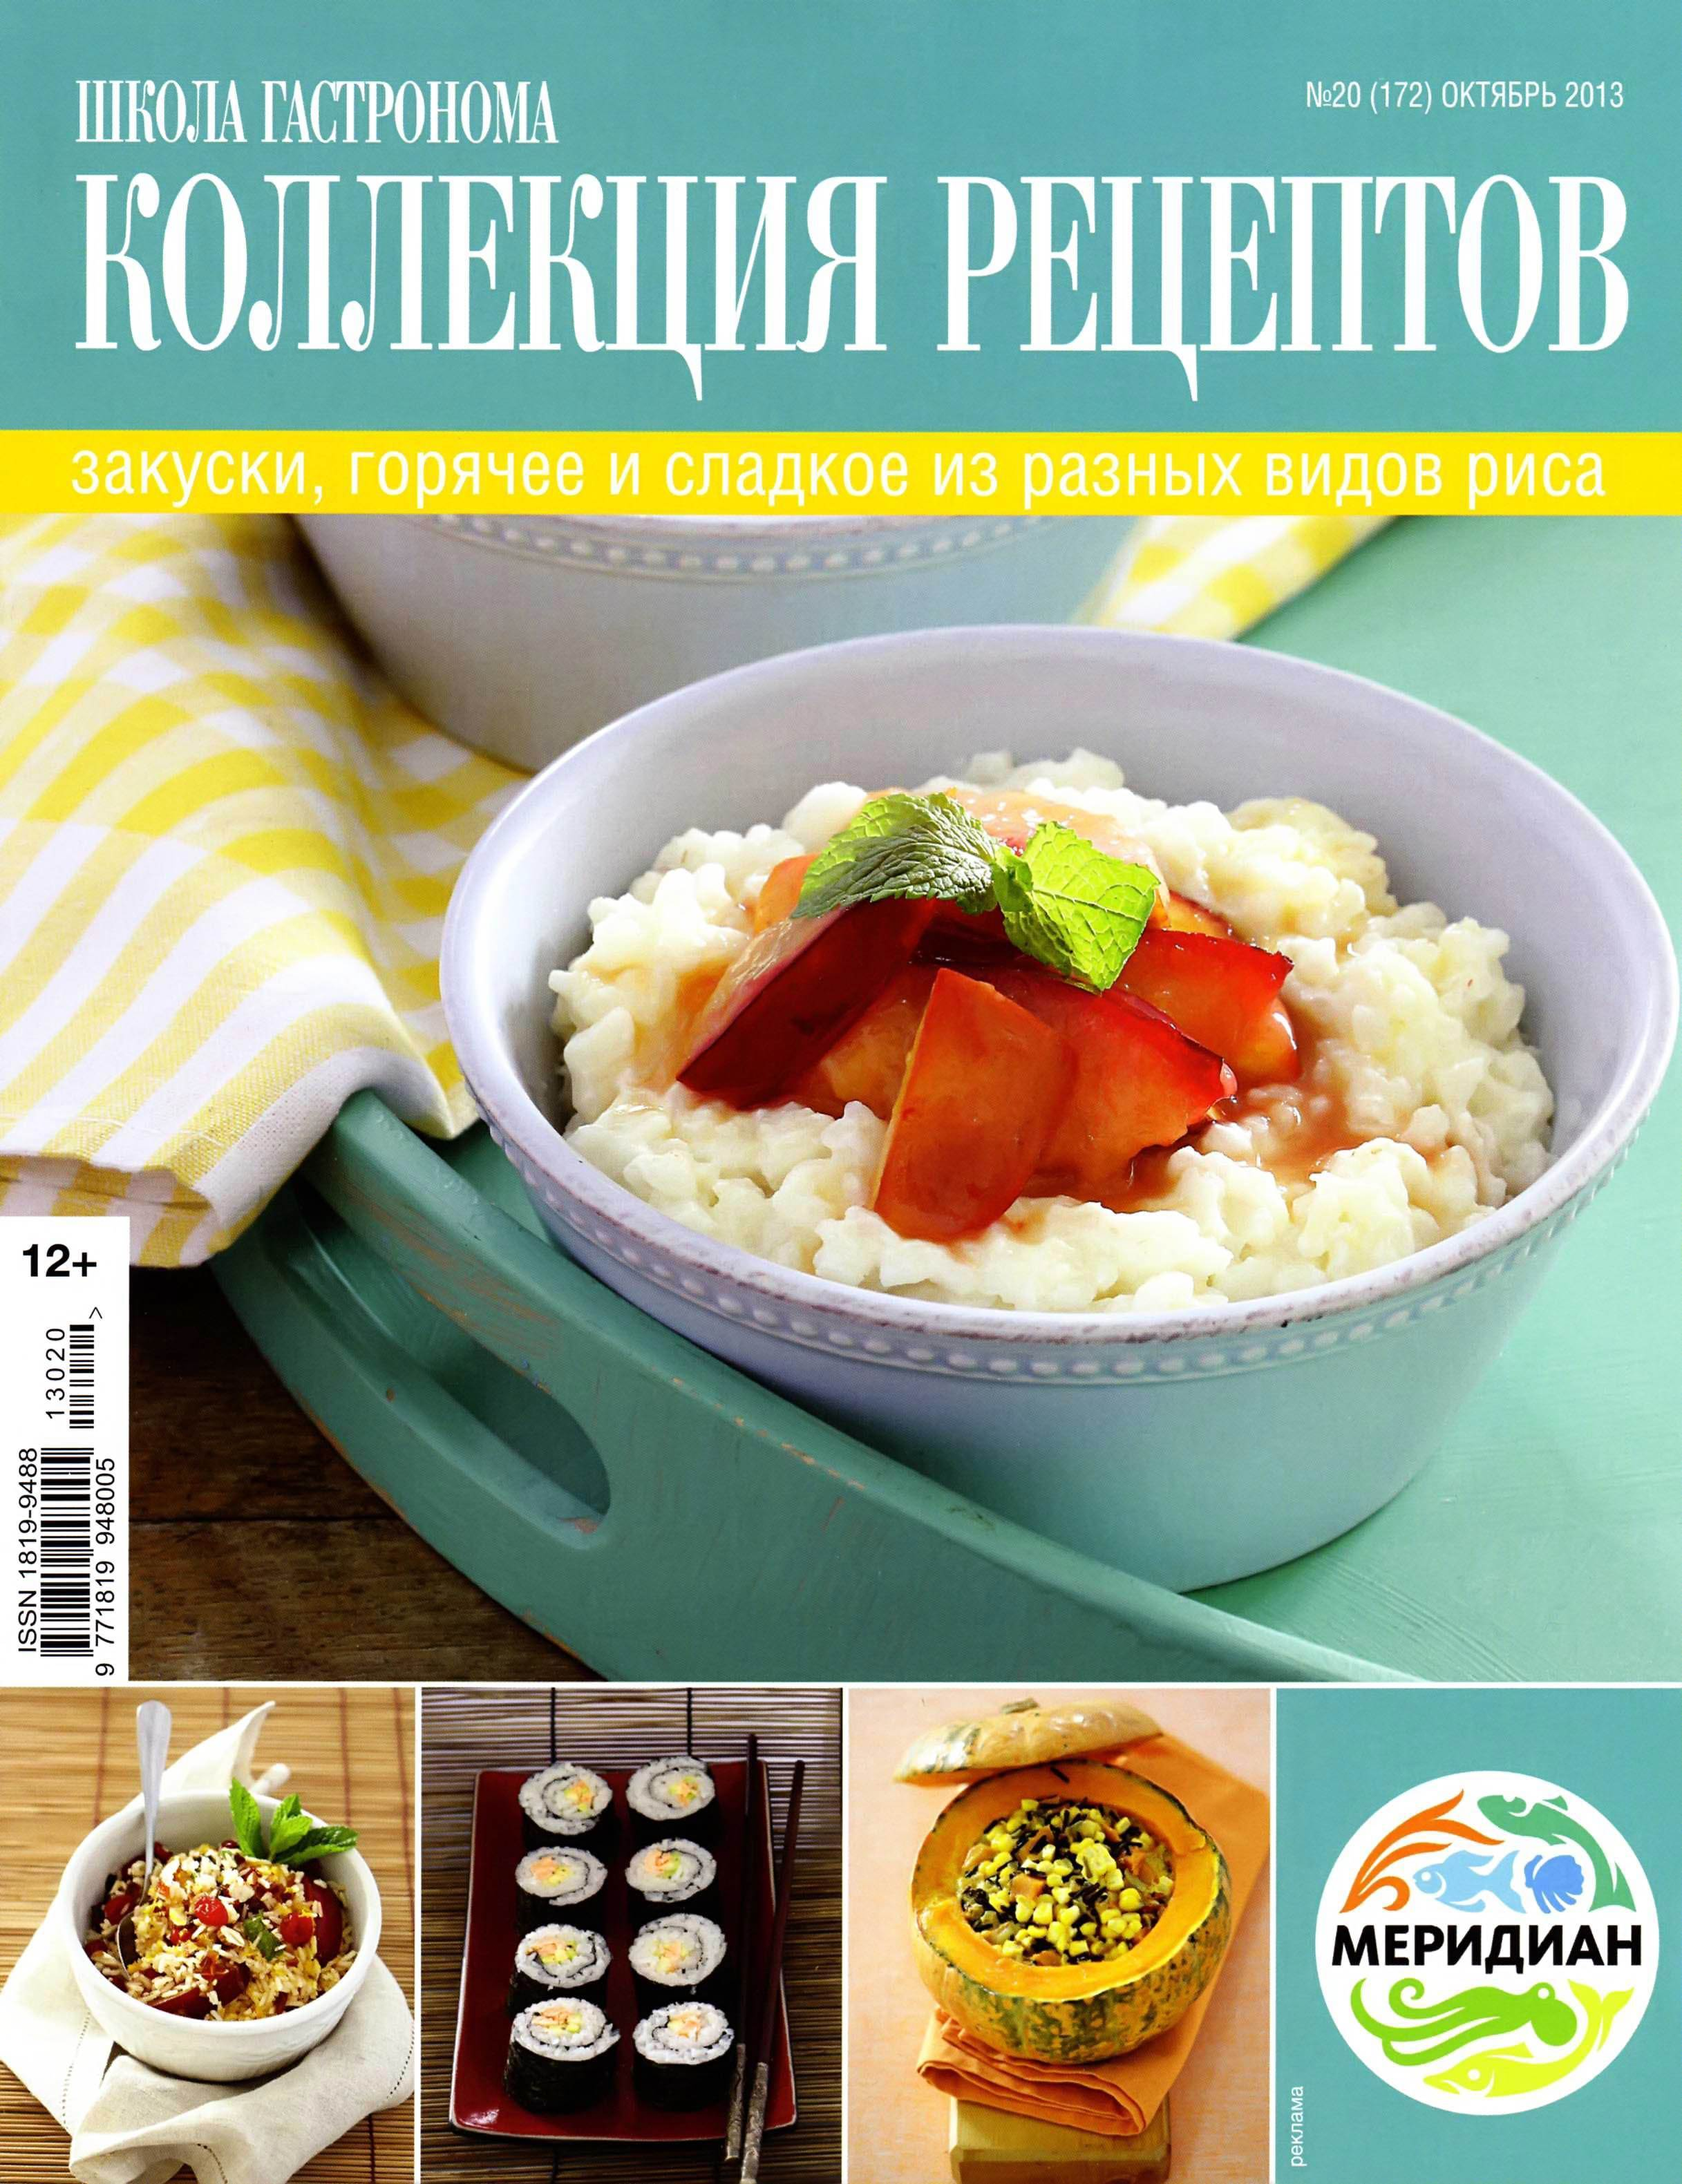 SHkola gastronoma. Kollektsiya retseptov    20 2013 goda Школа гастронома. Коллекция рецептов №17 2013 года